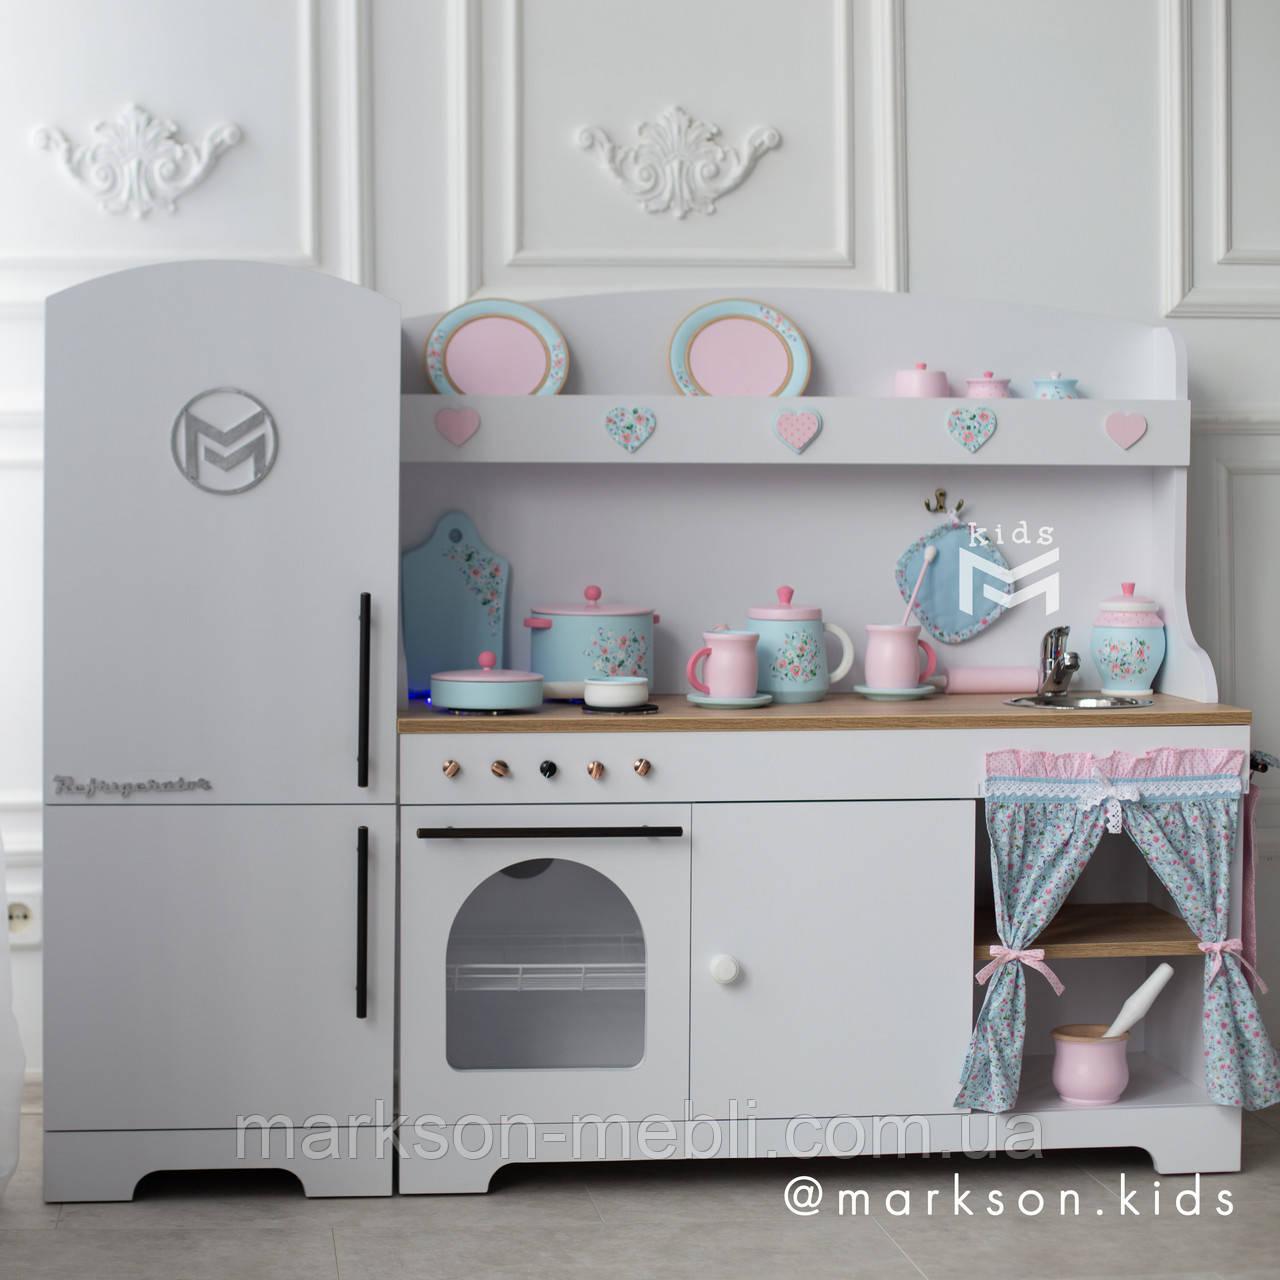 Дитяча ігрова кухня Markson kids - Dreams MINNI